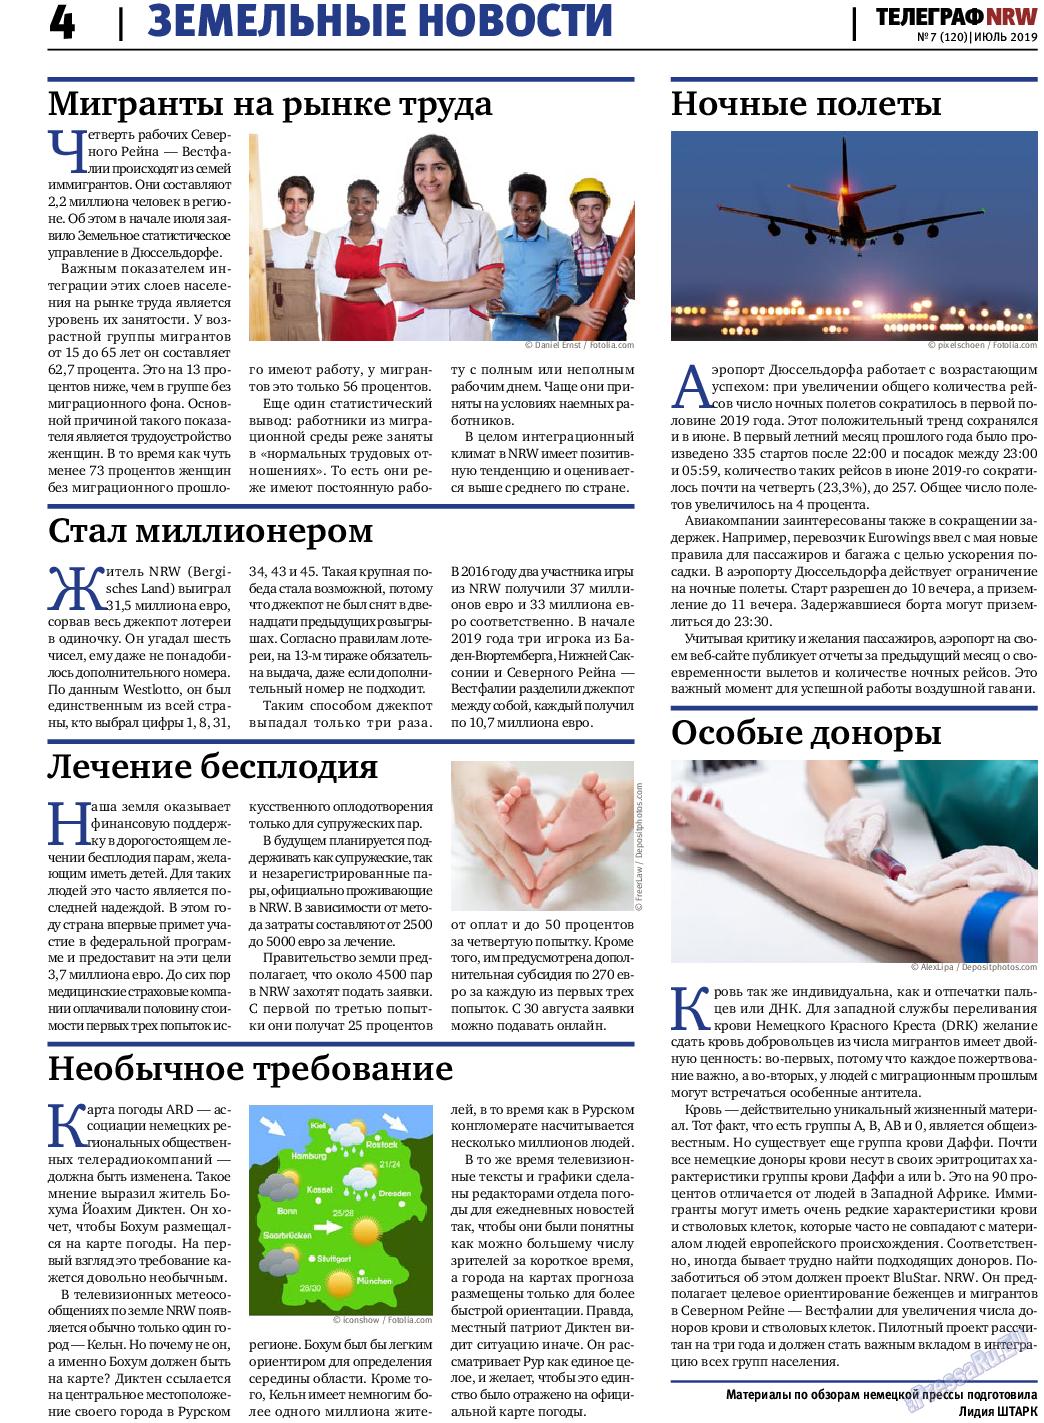 Телеграф NRW (газета). 2019 год, номер 7, стр. 4